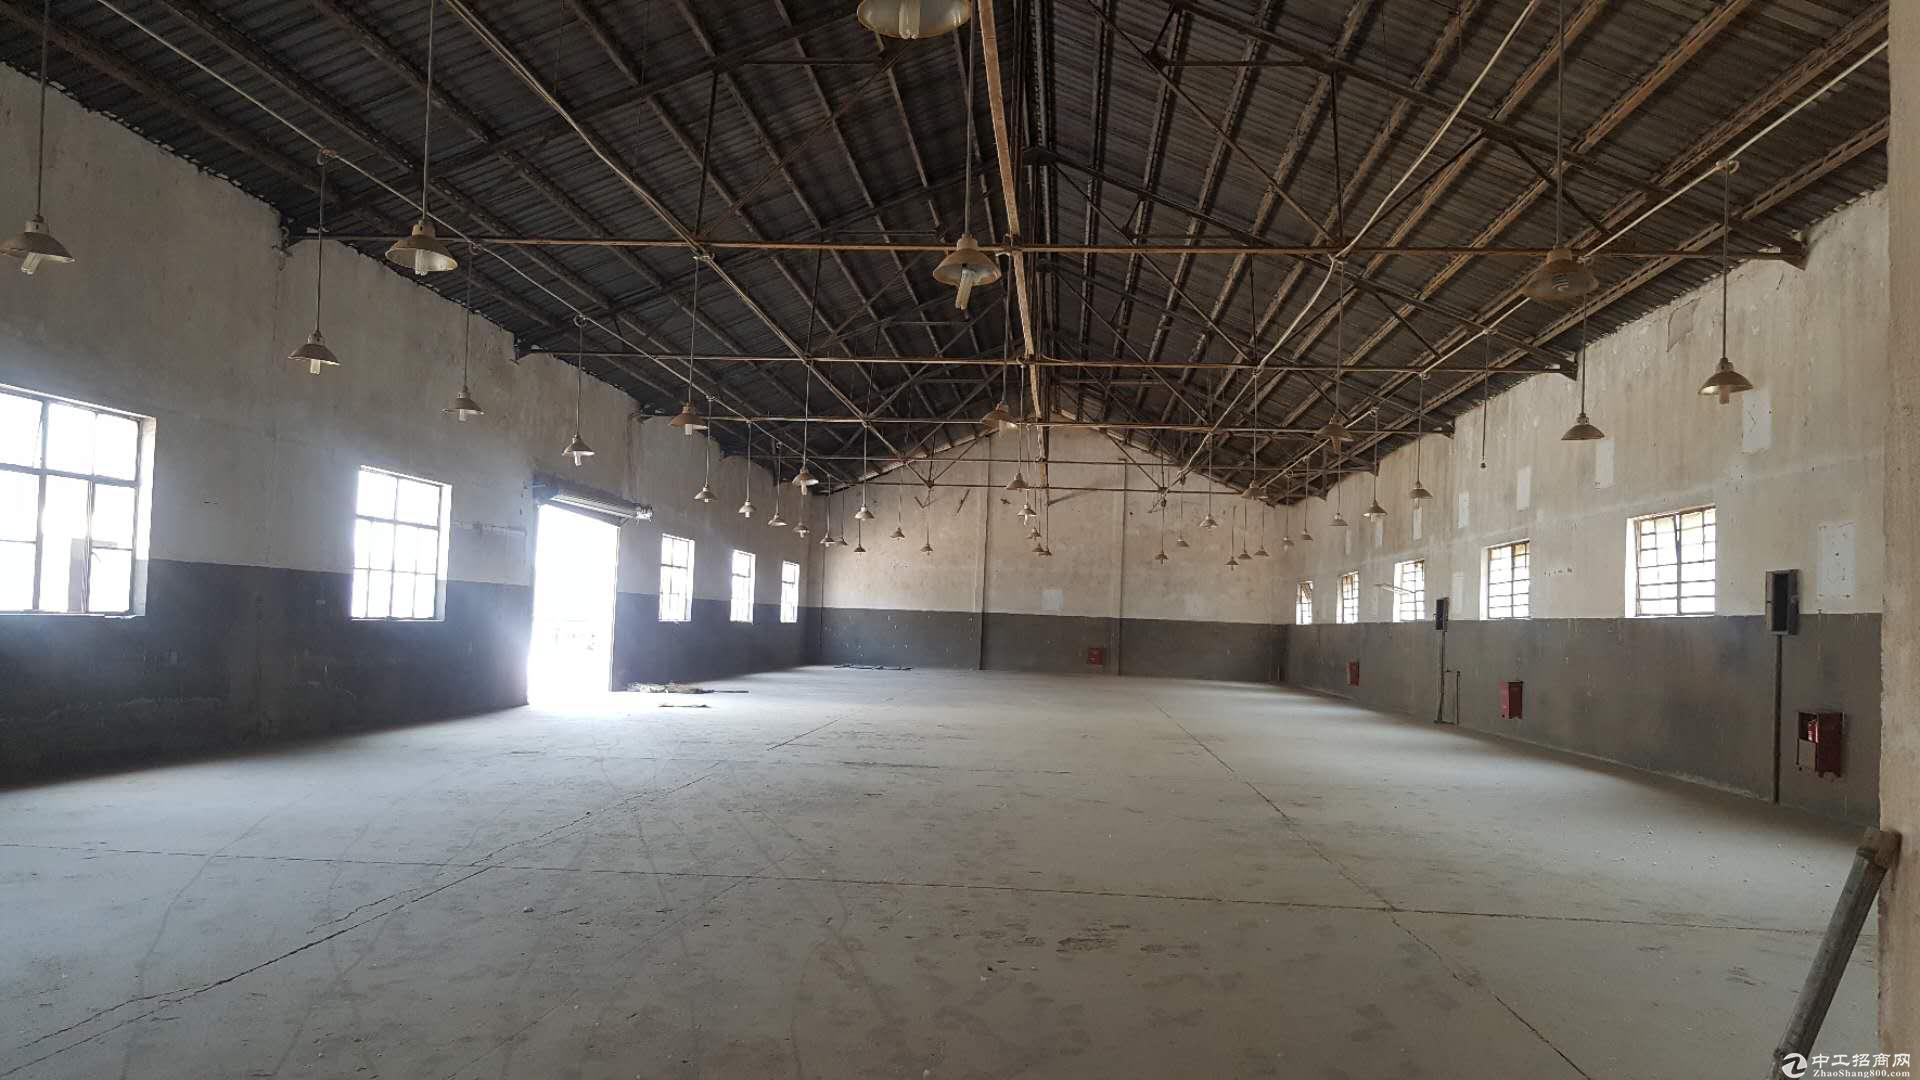 小面积!! 外环176至700平厂房仓库,适电商仓储配送中转